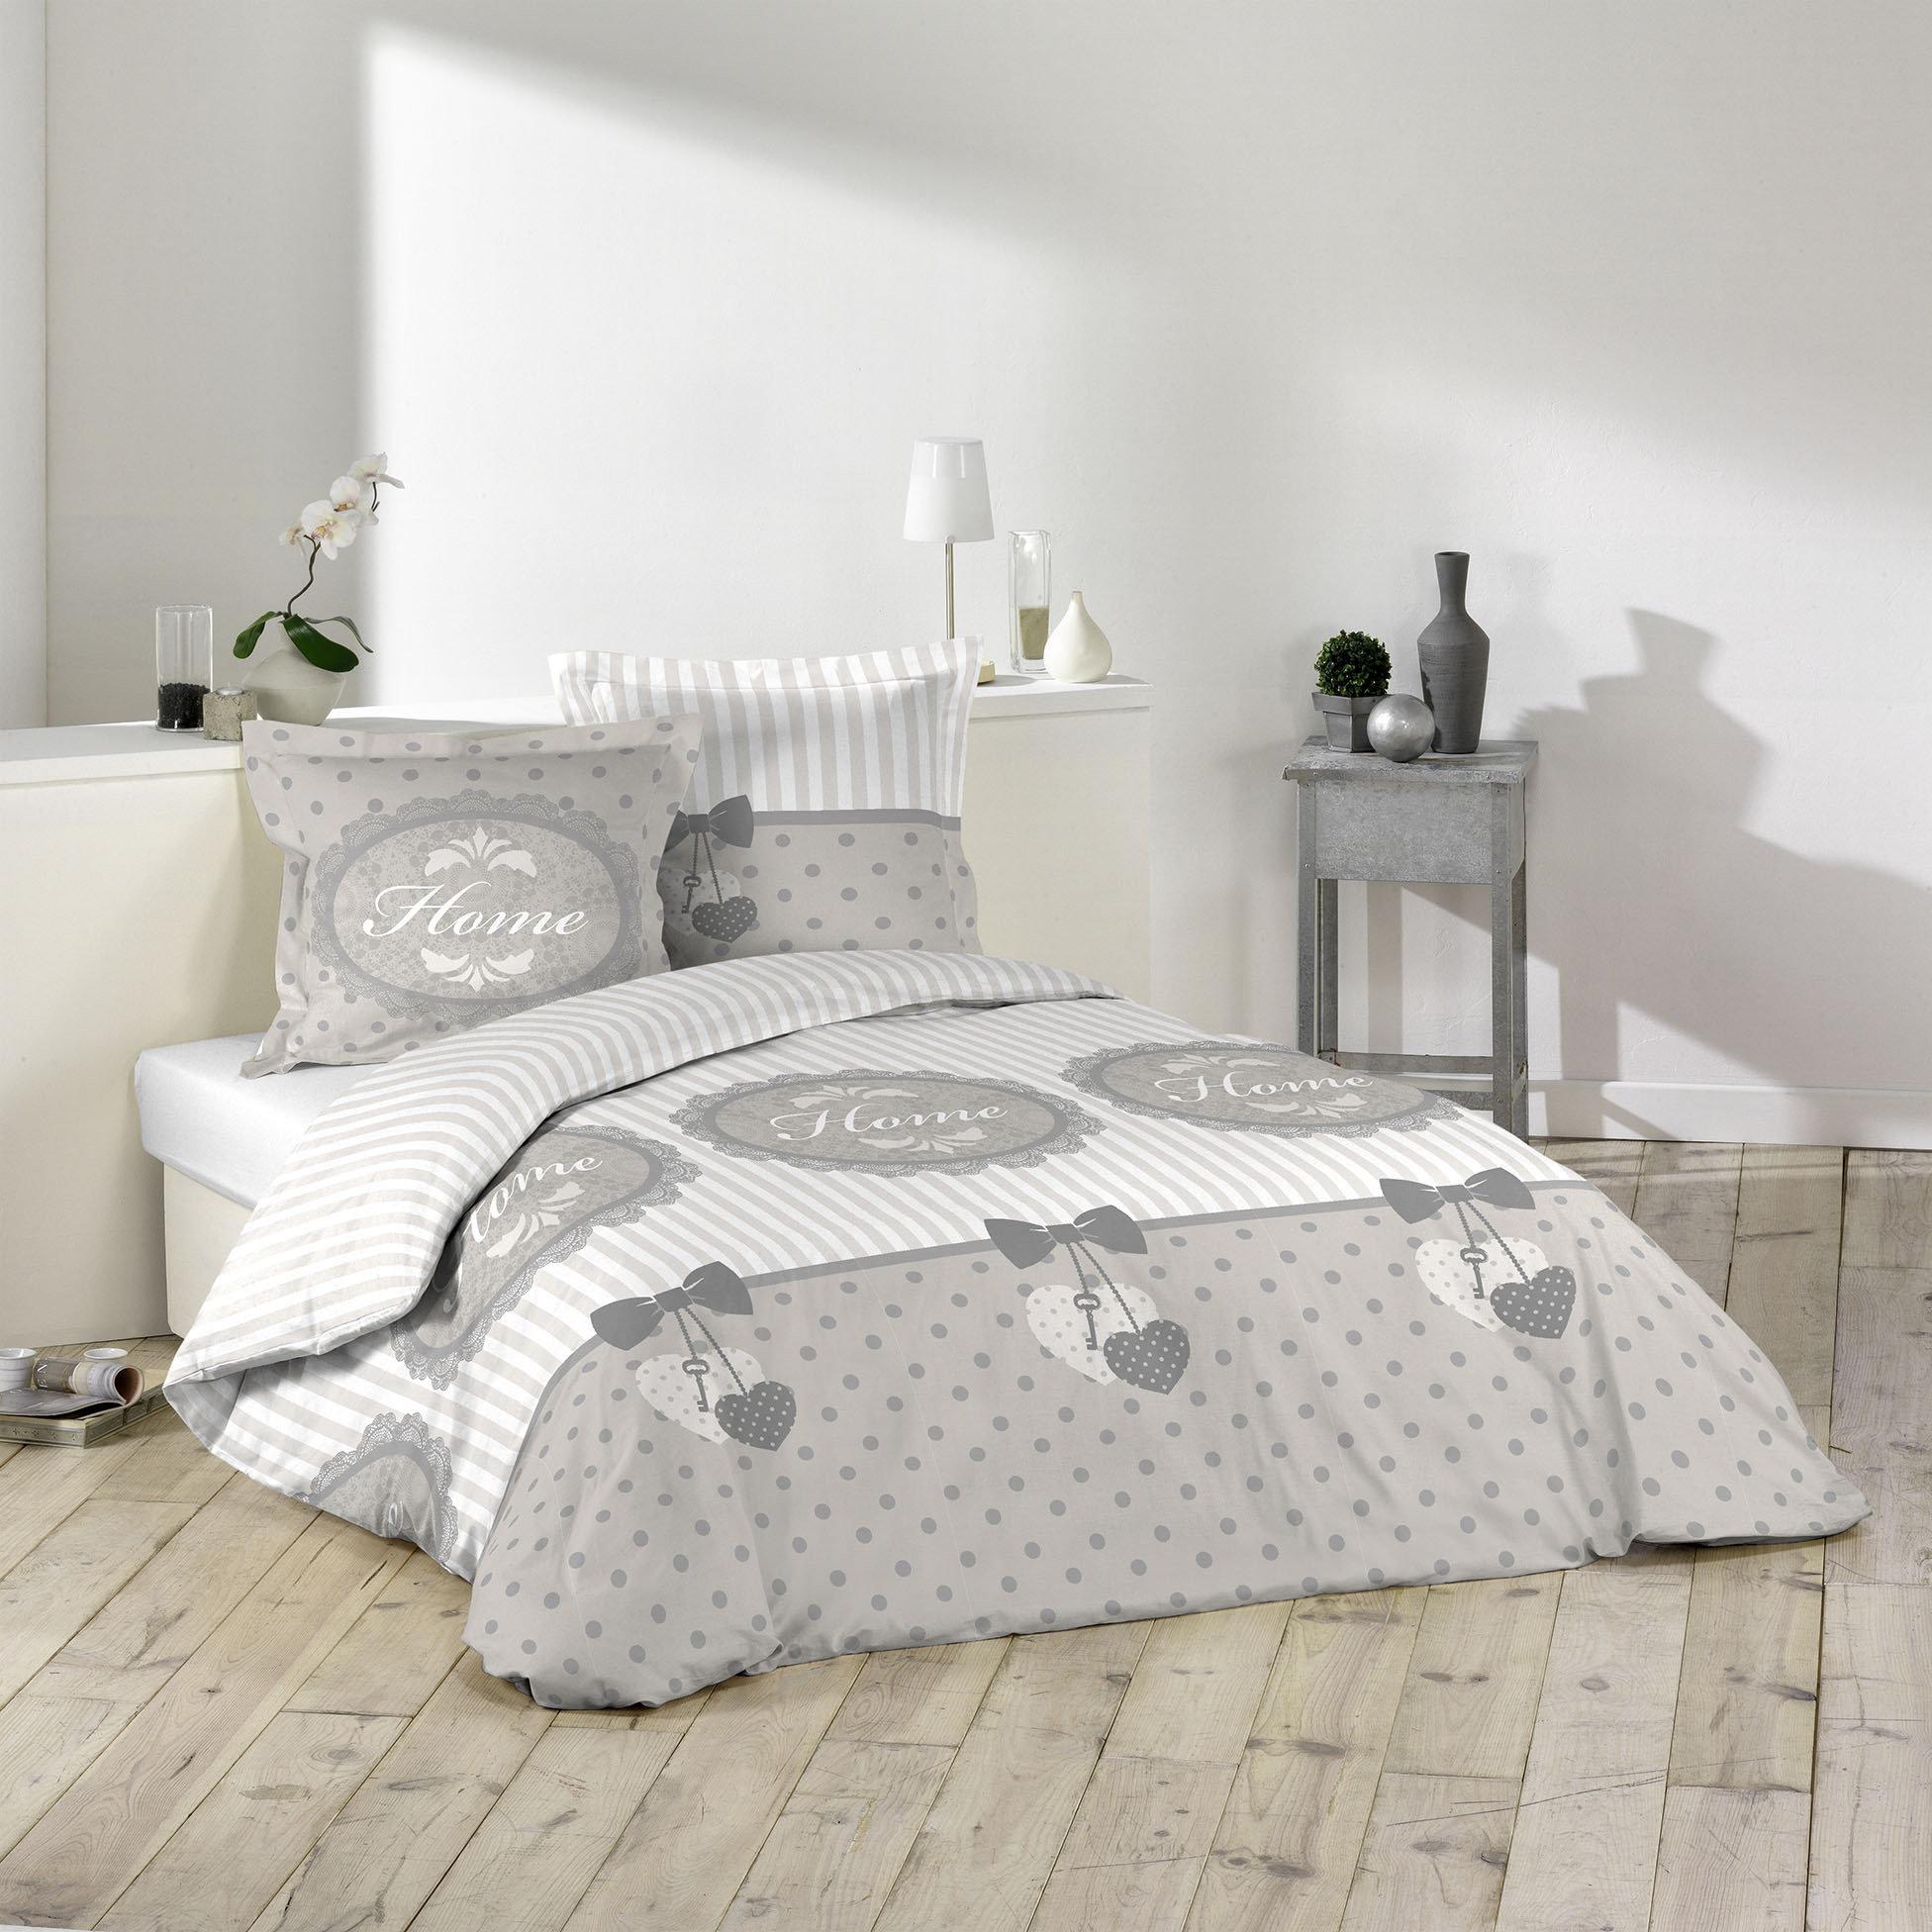 3tlg landhaus bettw sche 240x220 baumwolle bettdecke bergr e bettgarnitur ebay. Black Bedroom Furniture Sets. Home Design Ideas